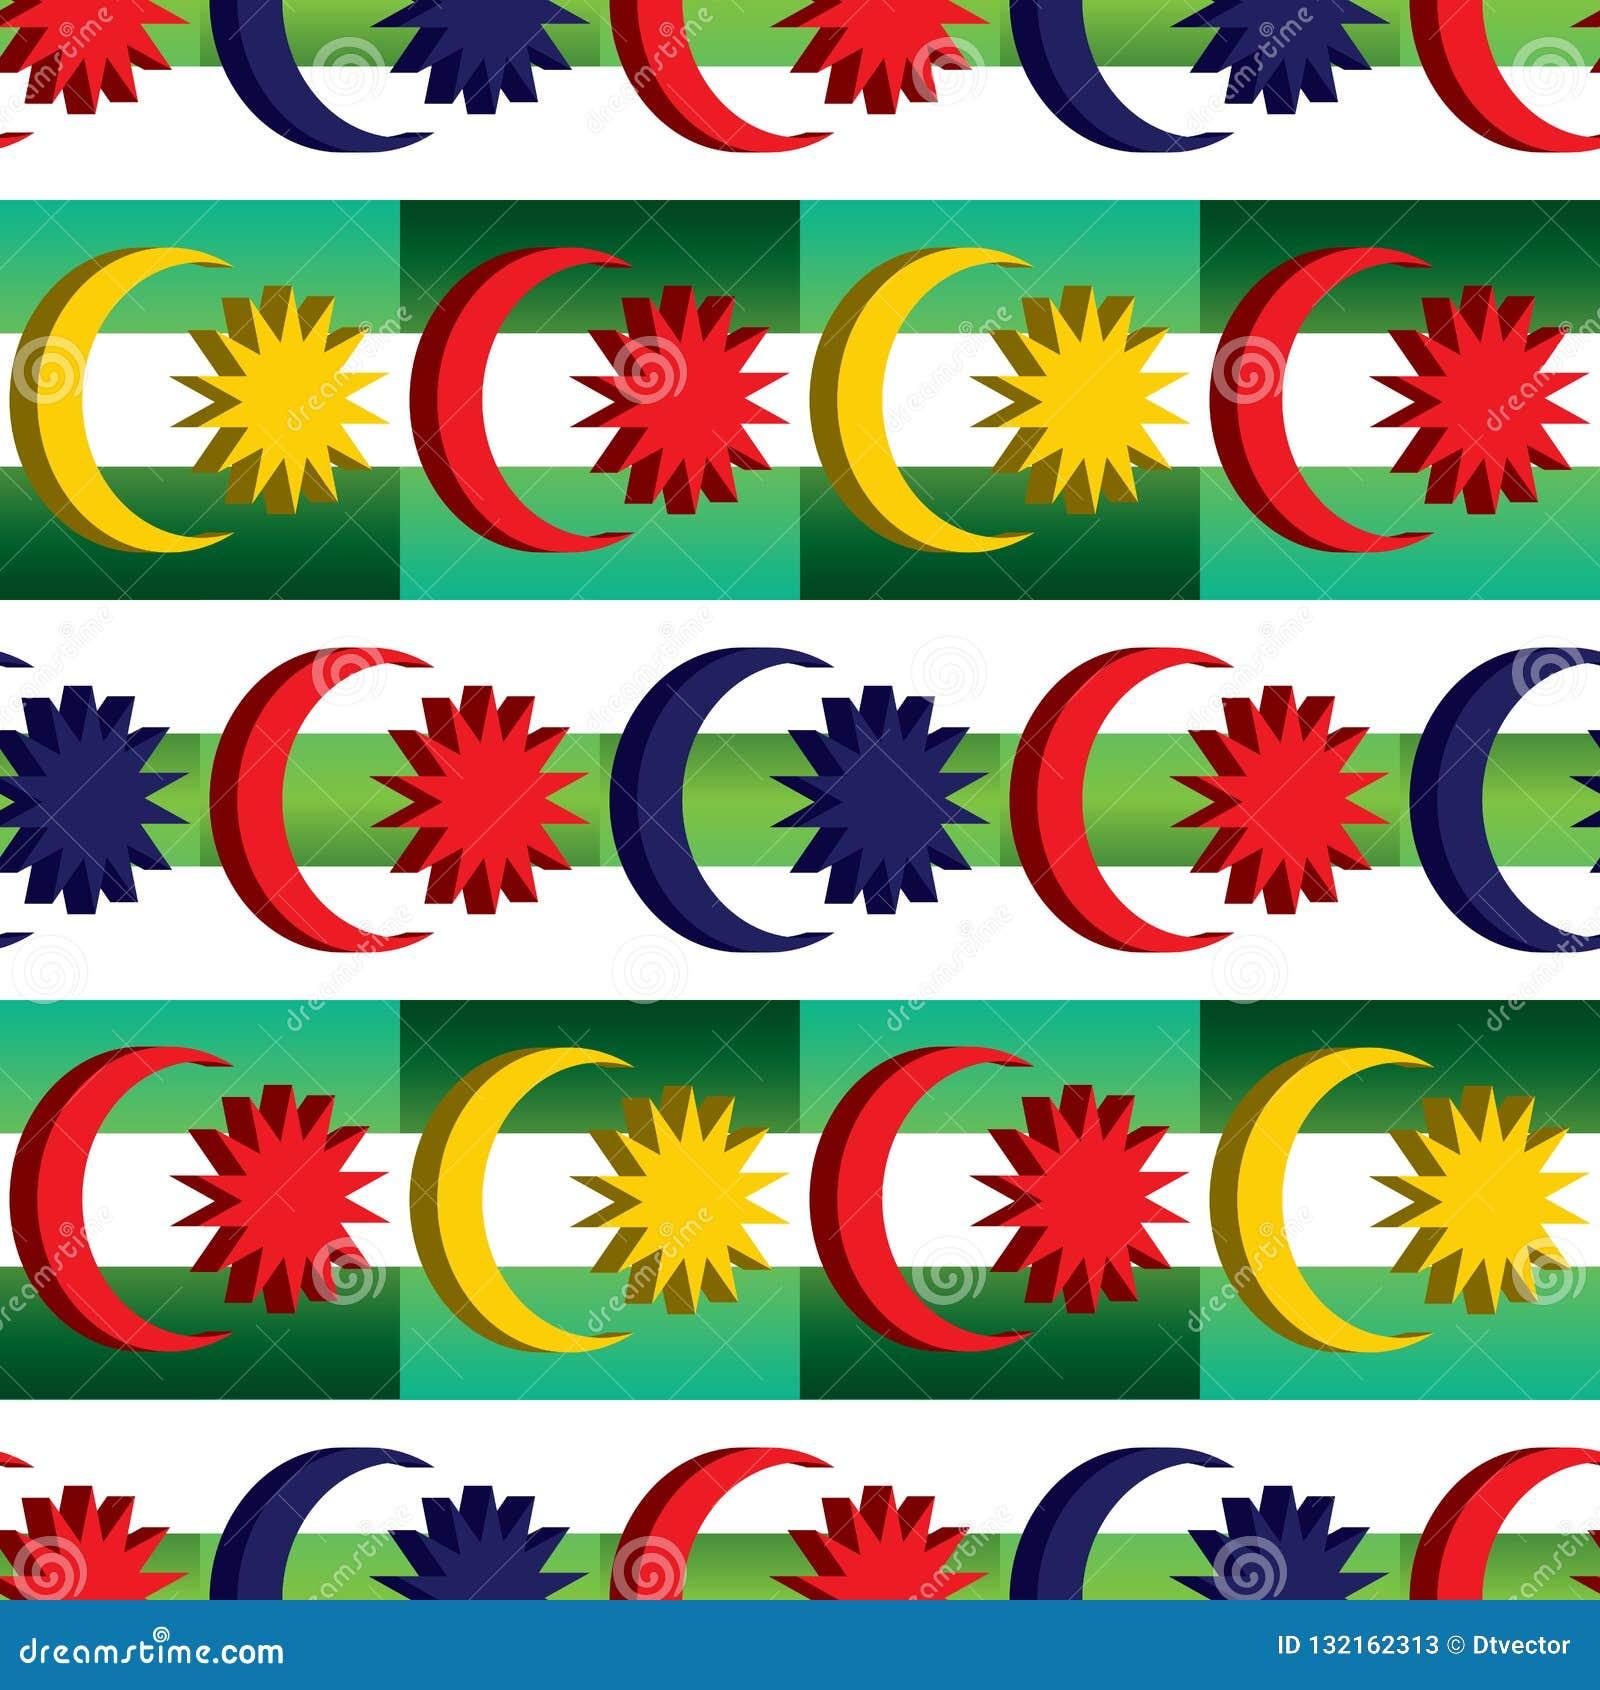 το τρισδιάστατο στοιχείο σημαιών της Μαλαισίας συνδυάζει το της Μαλαισίας πράσινο διαγώνιο άνευ ραφής σχέδιο συμμετρίας χρώματος